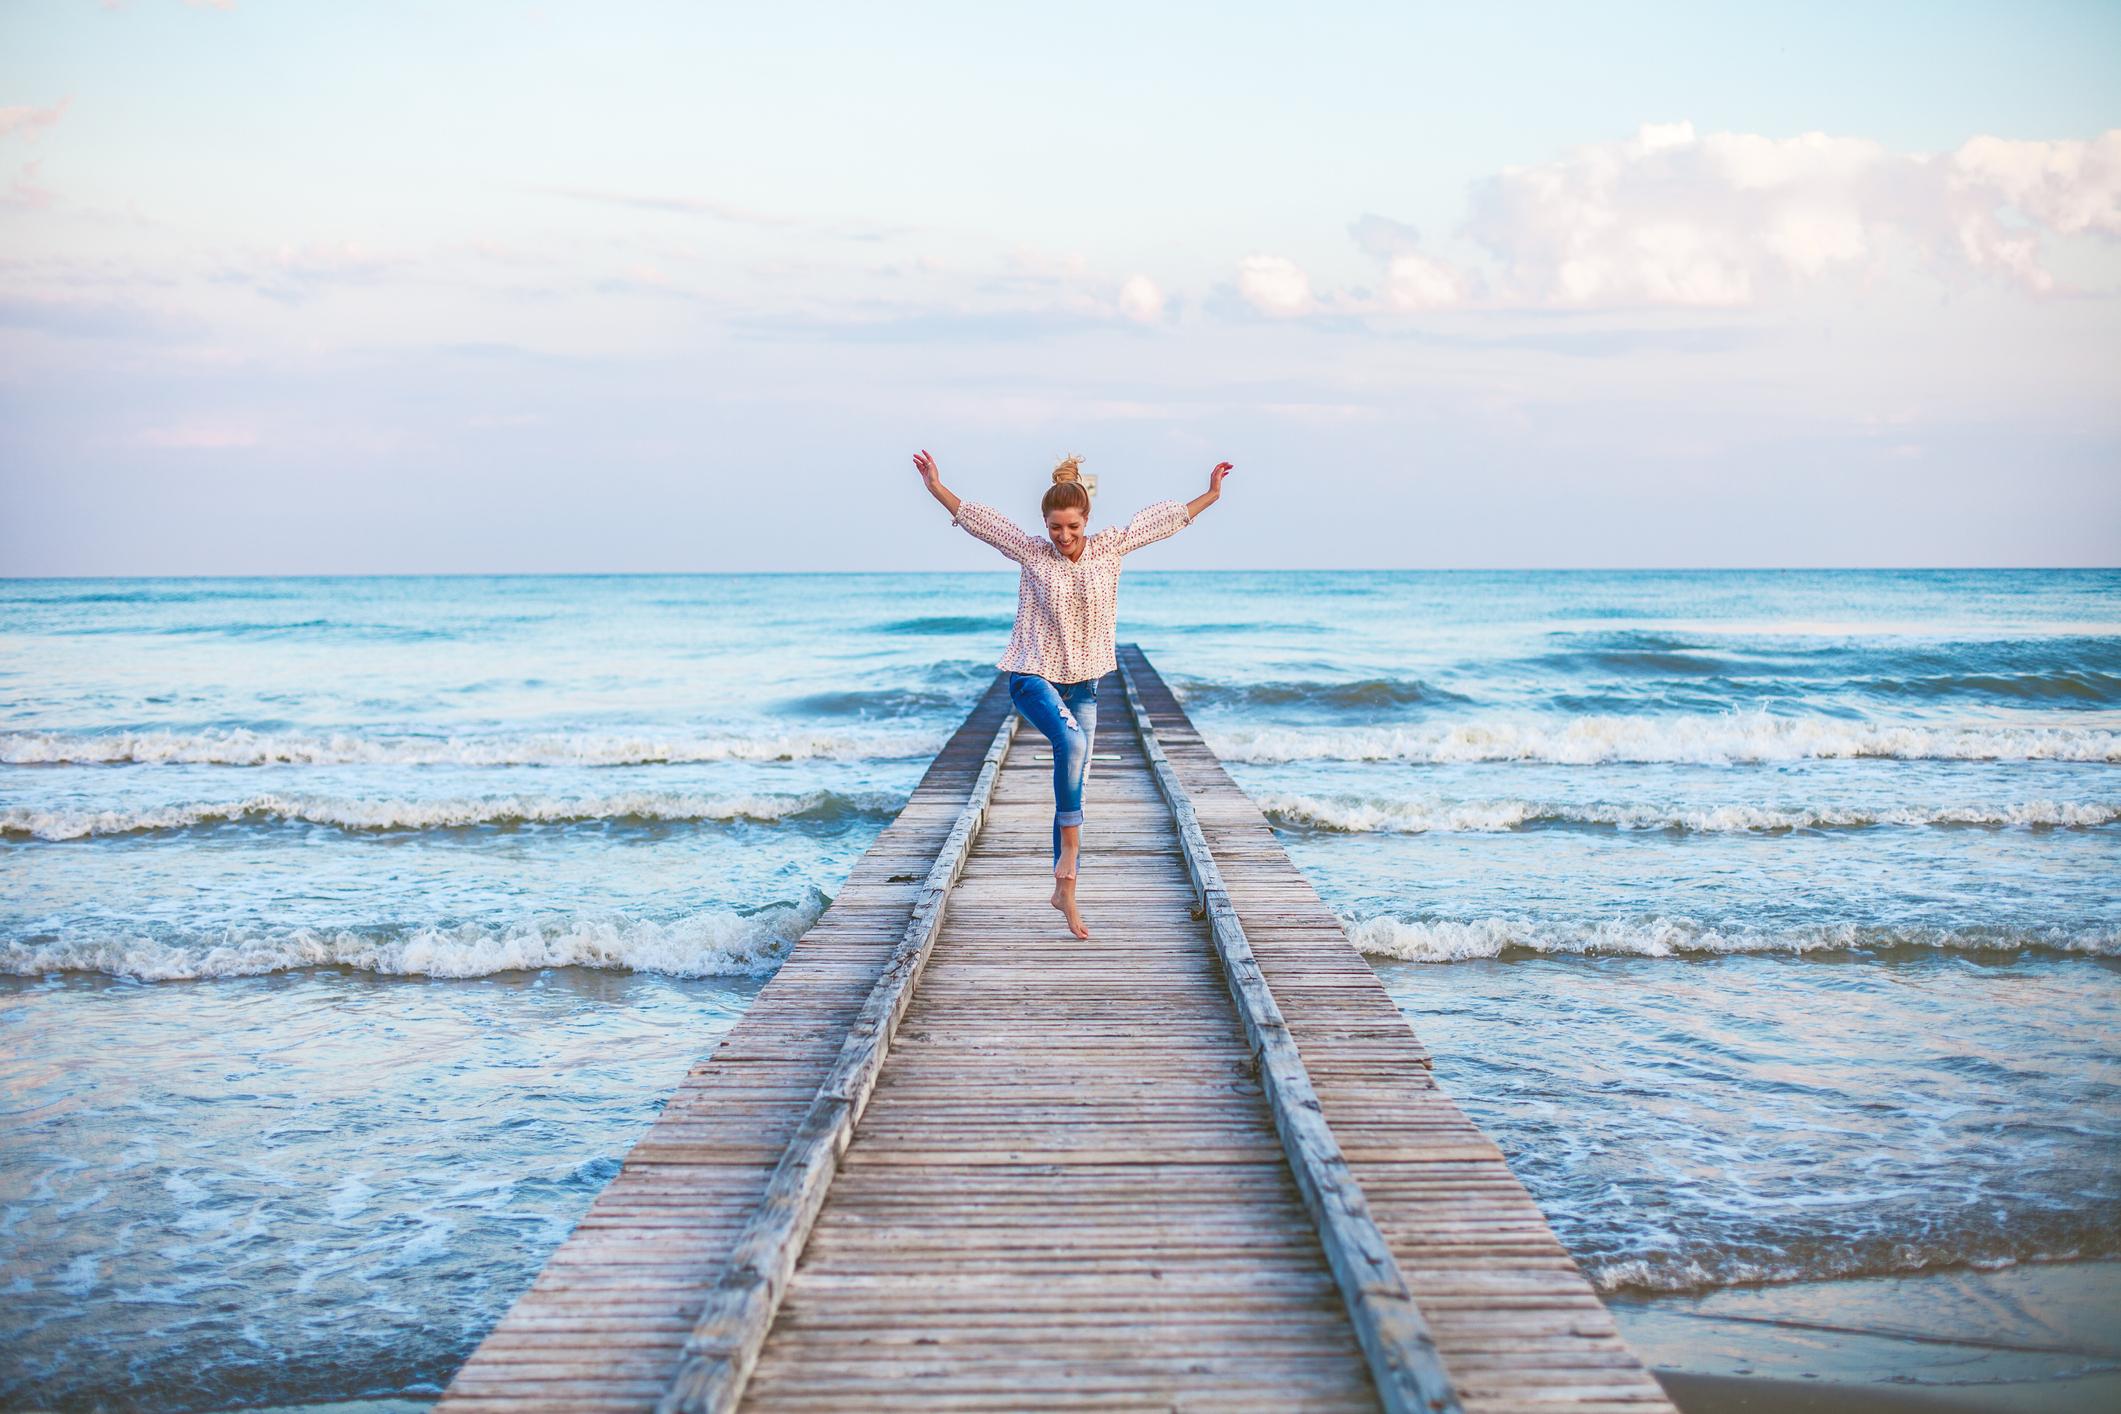 Svaki dan ima 1440 minuta u kojima je provesti devet minuta opuštajući se samo vrlo mali dio, ali sa značajnim pozitivnim utjecajem na vaše zdravlje i osjećaj mirnoće.